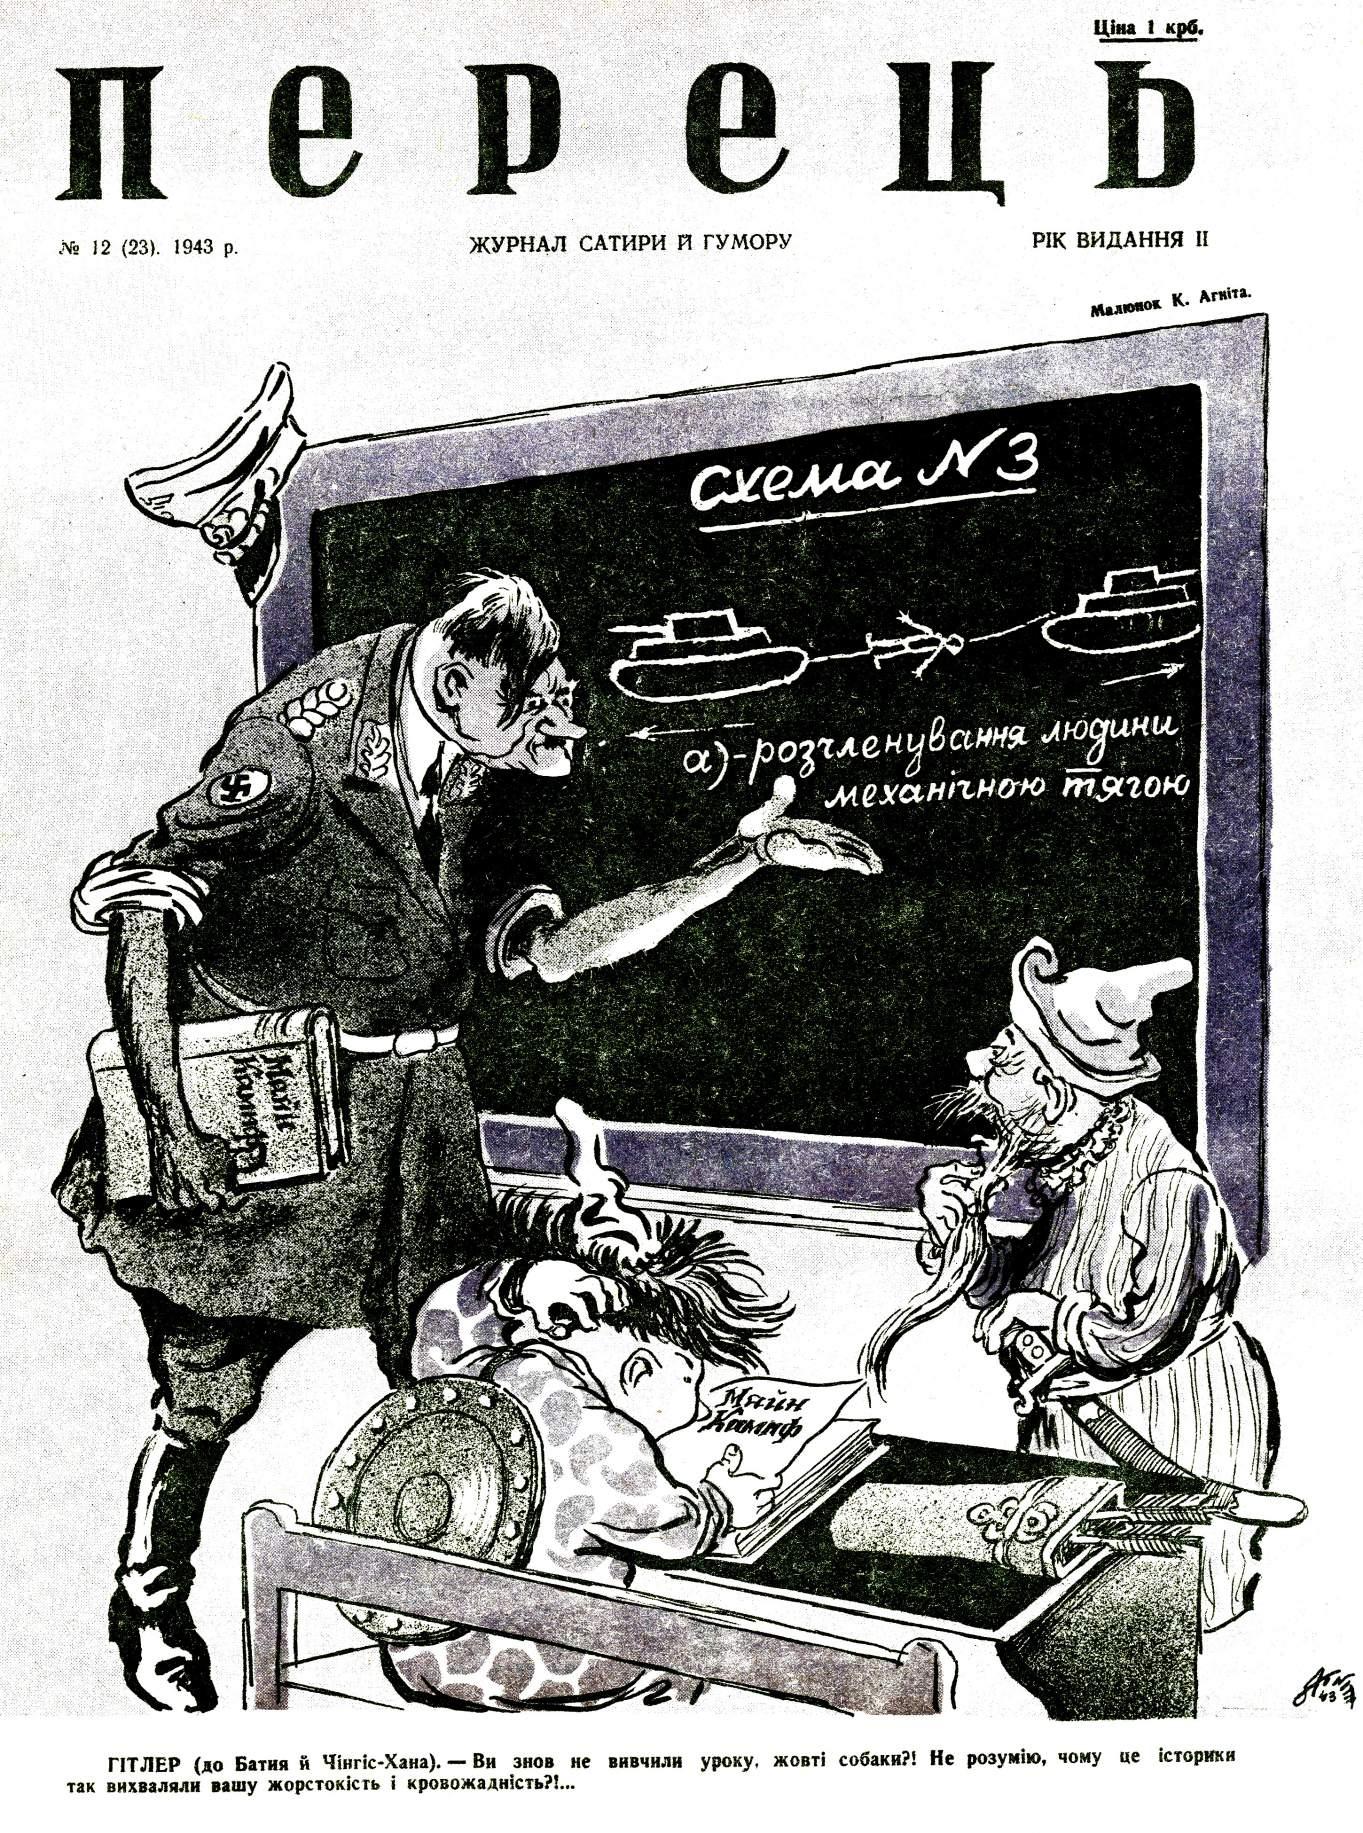 Журнал перець 1943 №12